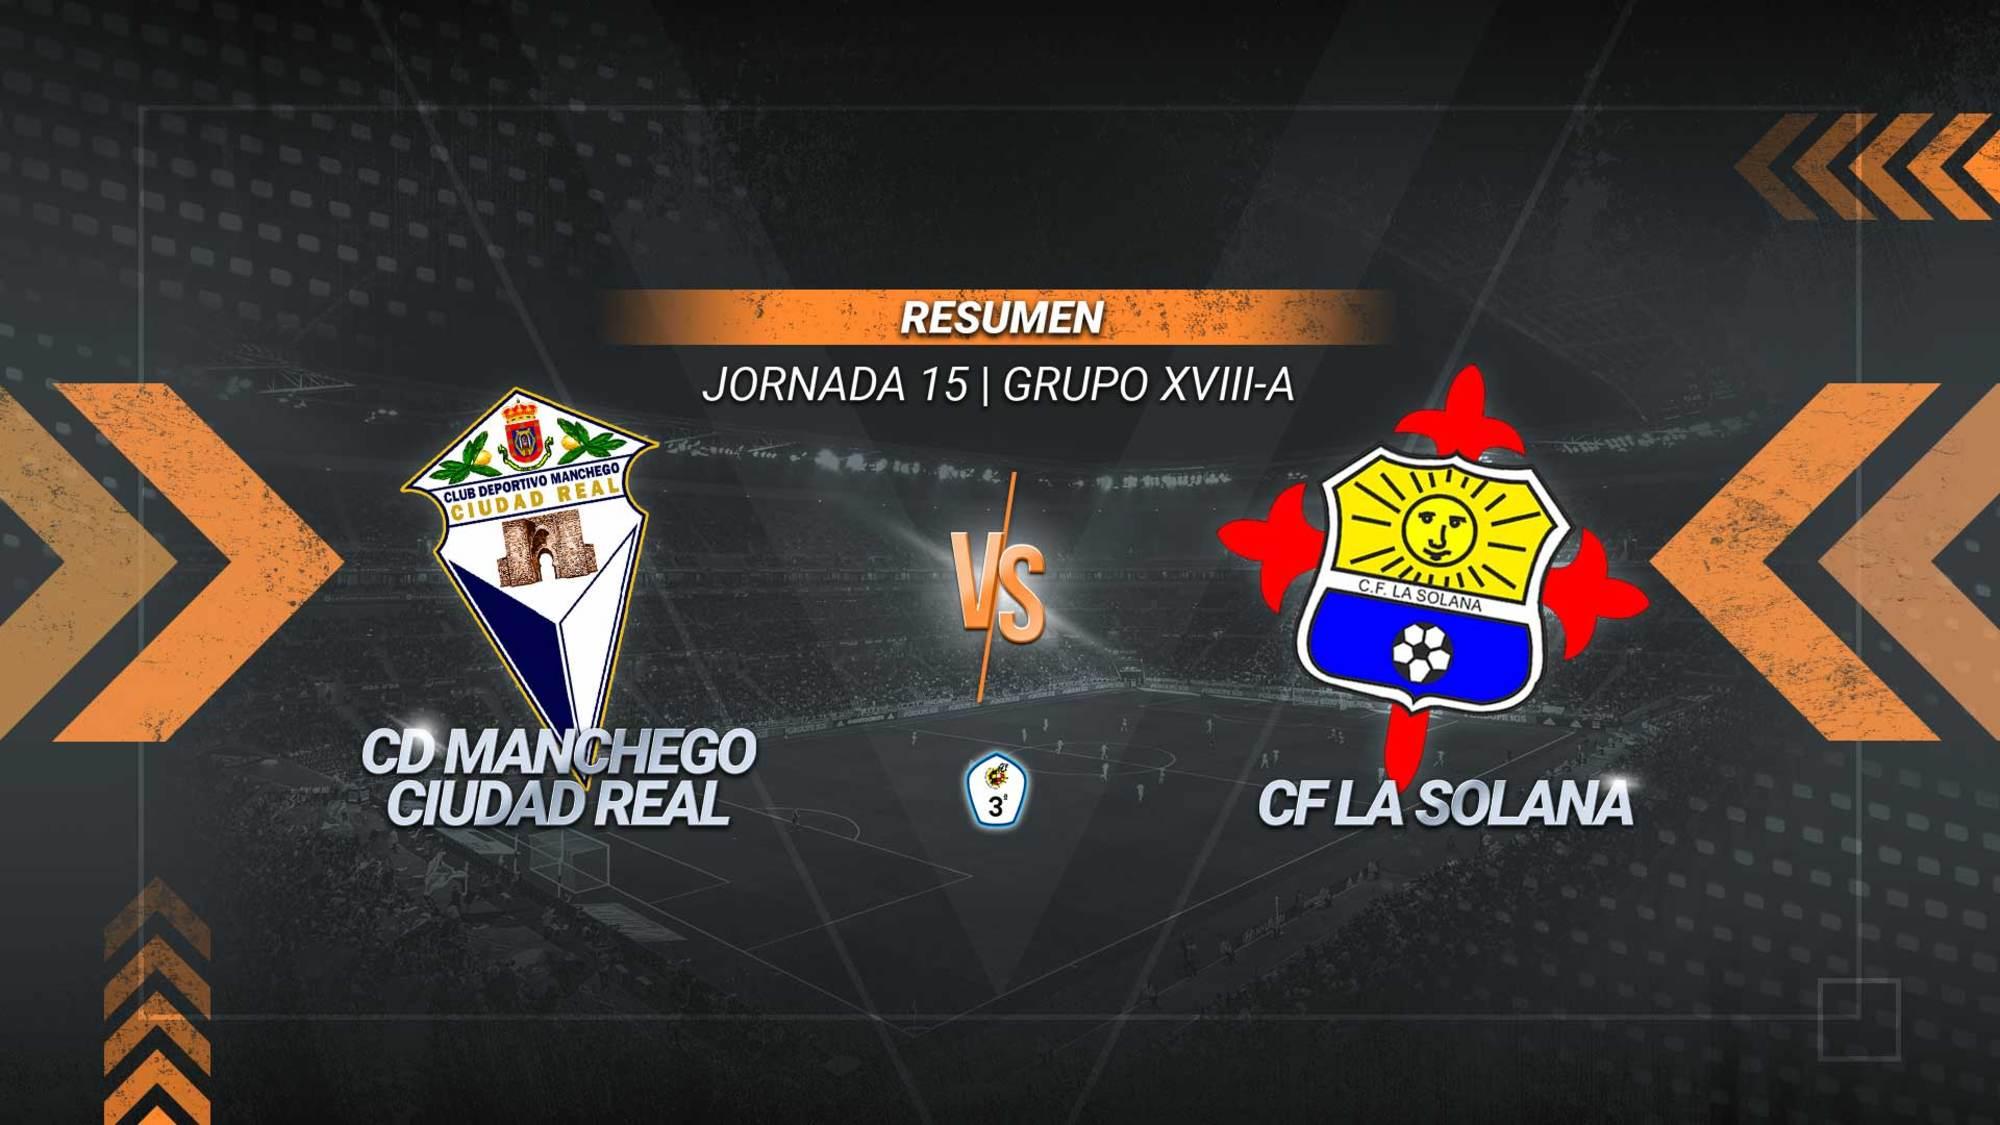 La Solana da la campanada y evita el liderato del Manchego. Un gol de Ángel Luis sirve a los solaneros para ser novenos y sumar 12 puntos. Los mancheguistas se mantienen segundos con 26.